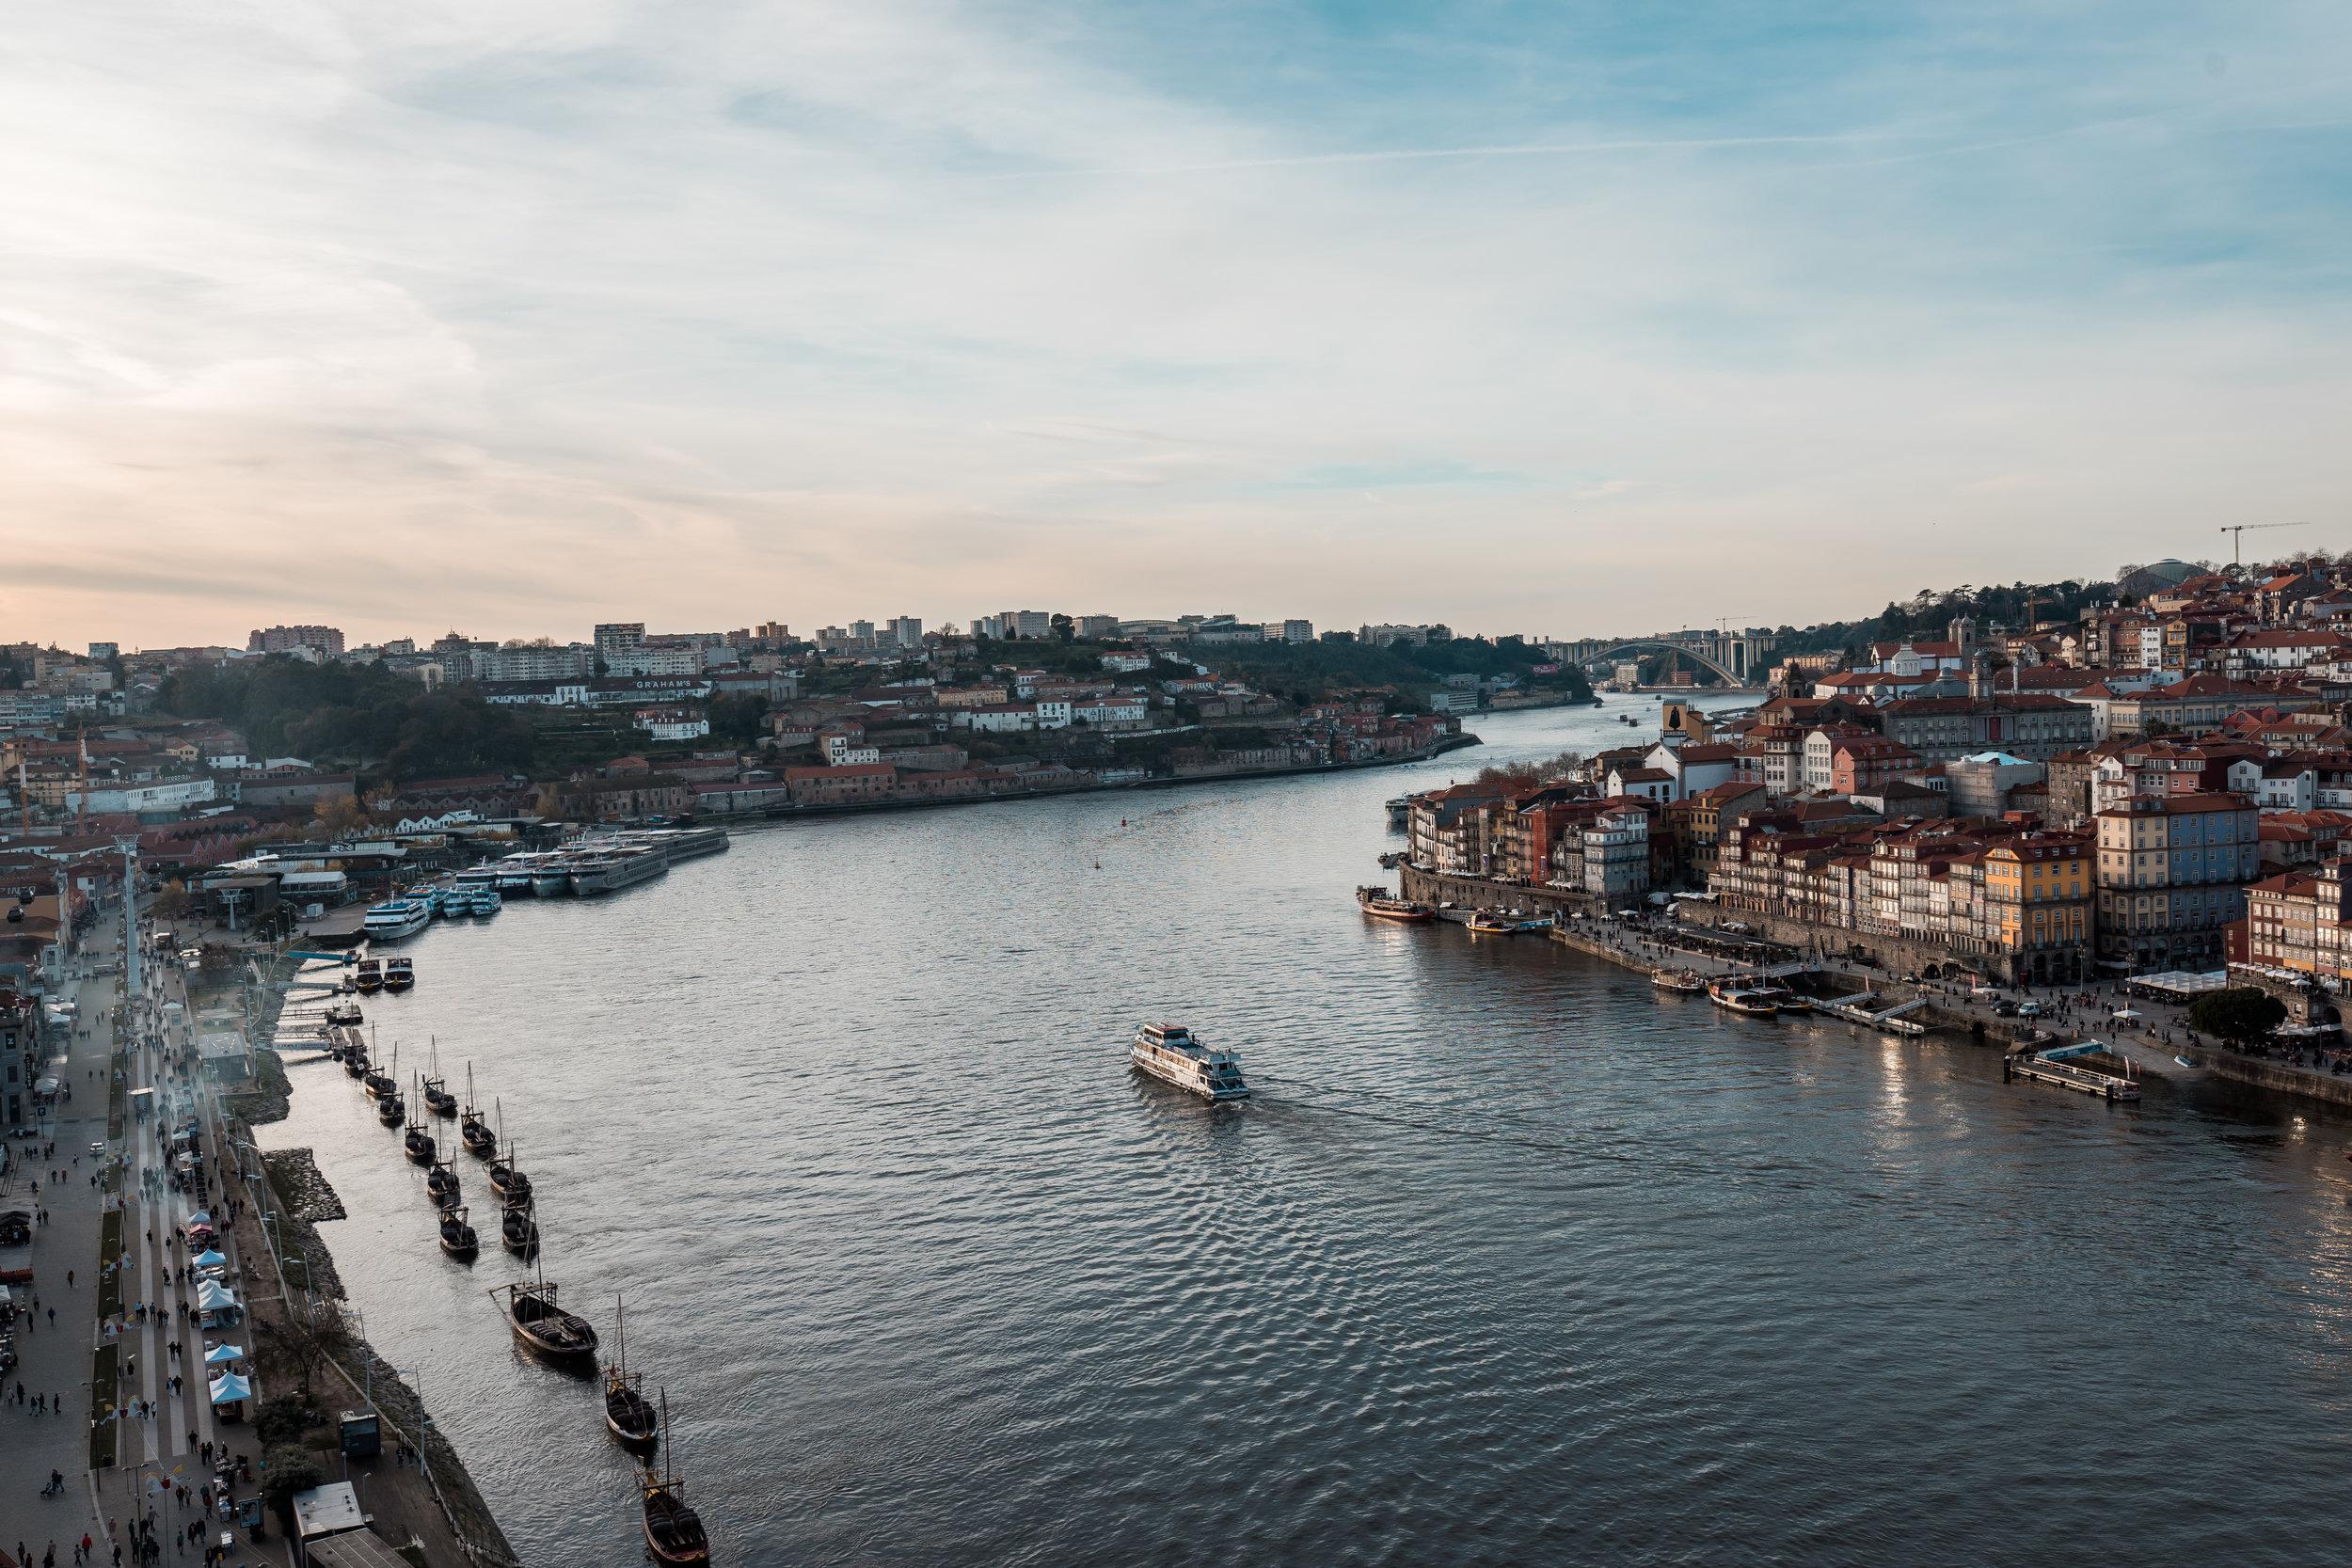 Sunsets in Porto - Luis I Bridge